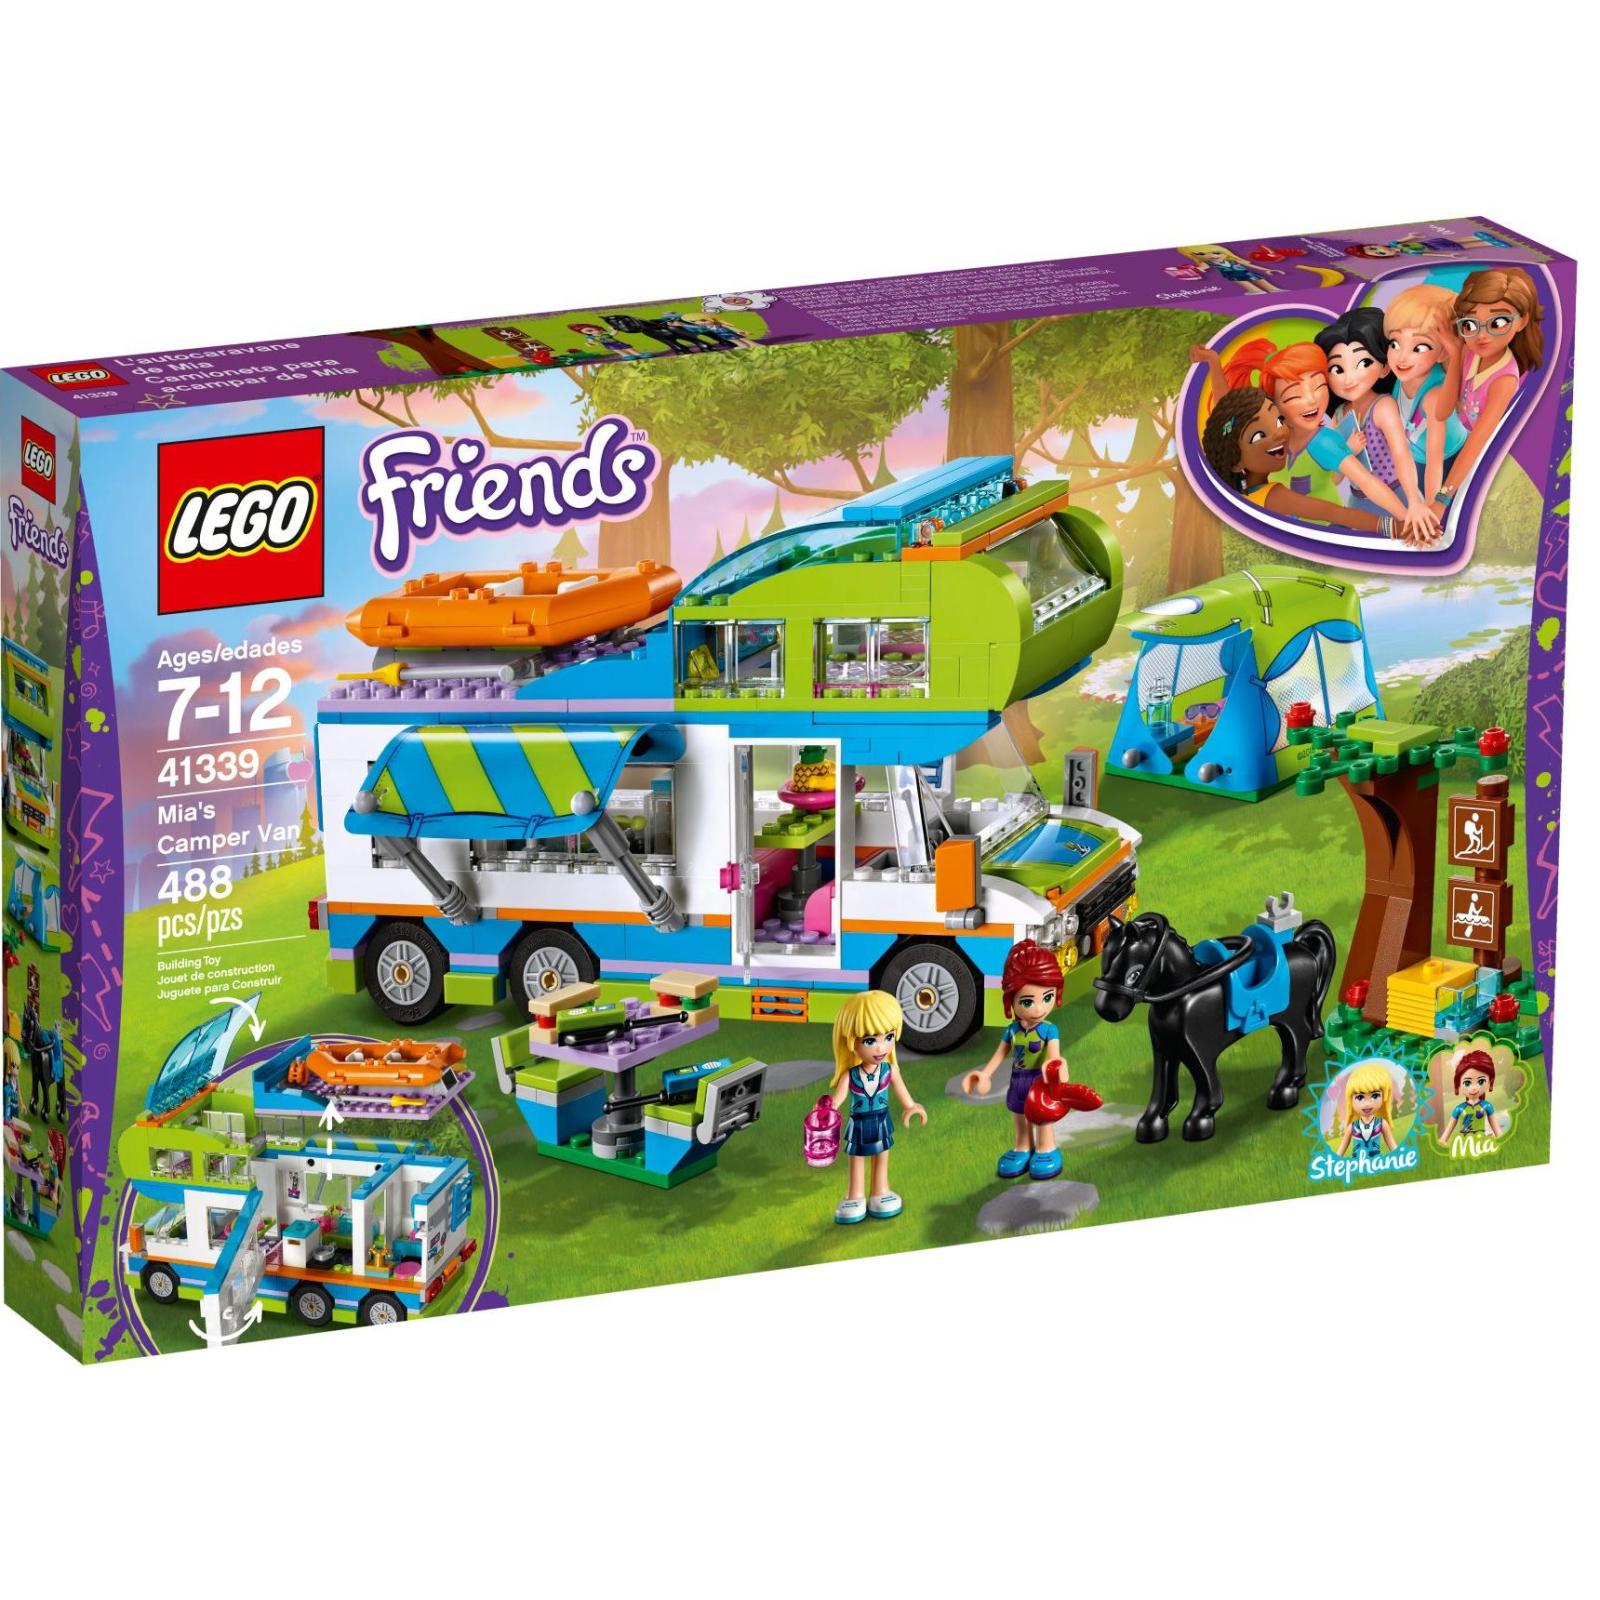 Конструктор LEGO Friends Дом на колесах Мии (41339)